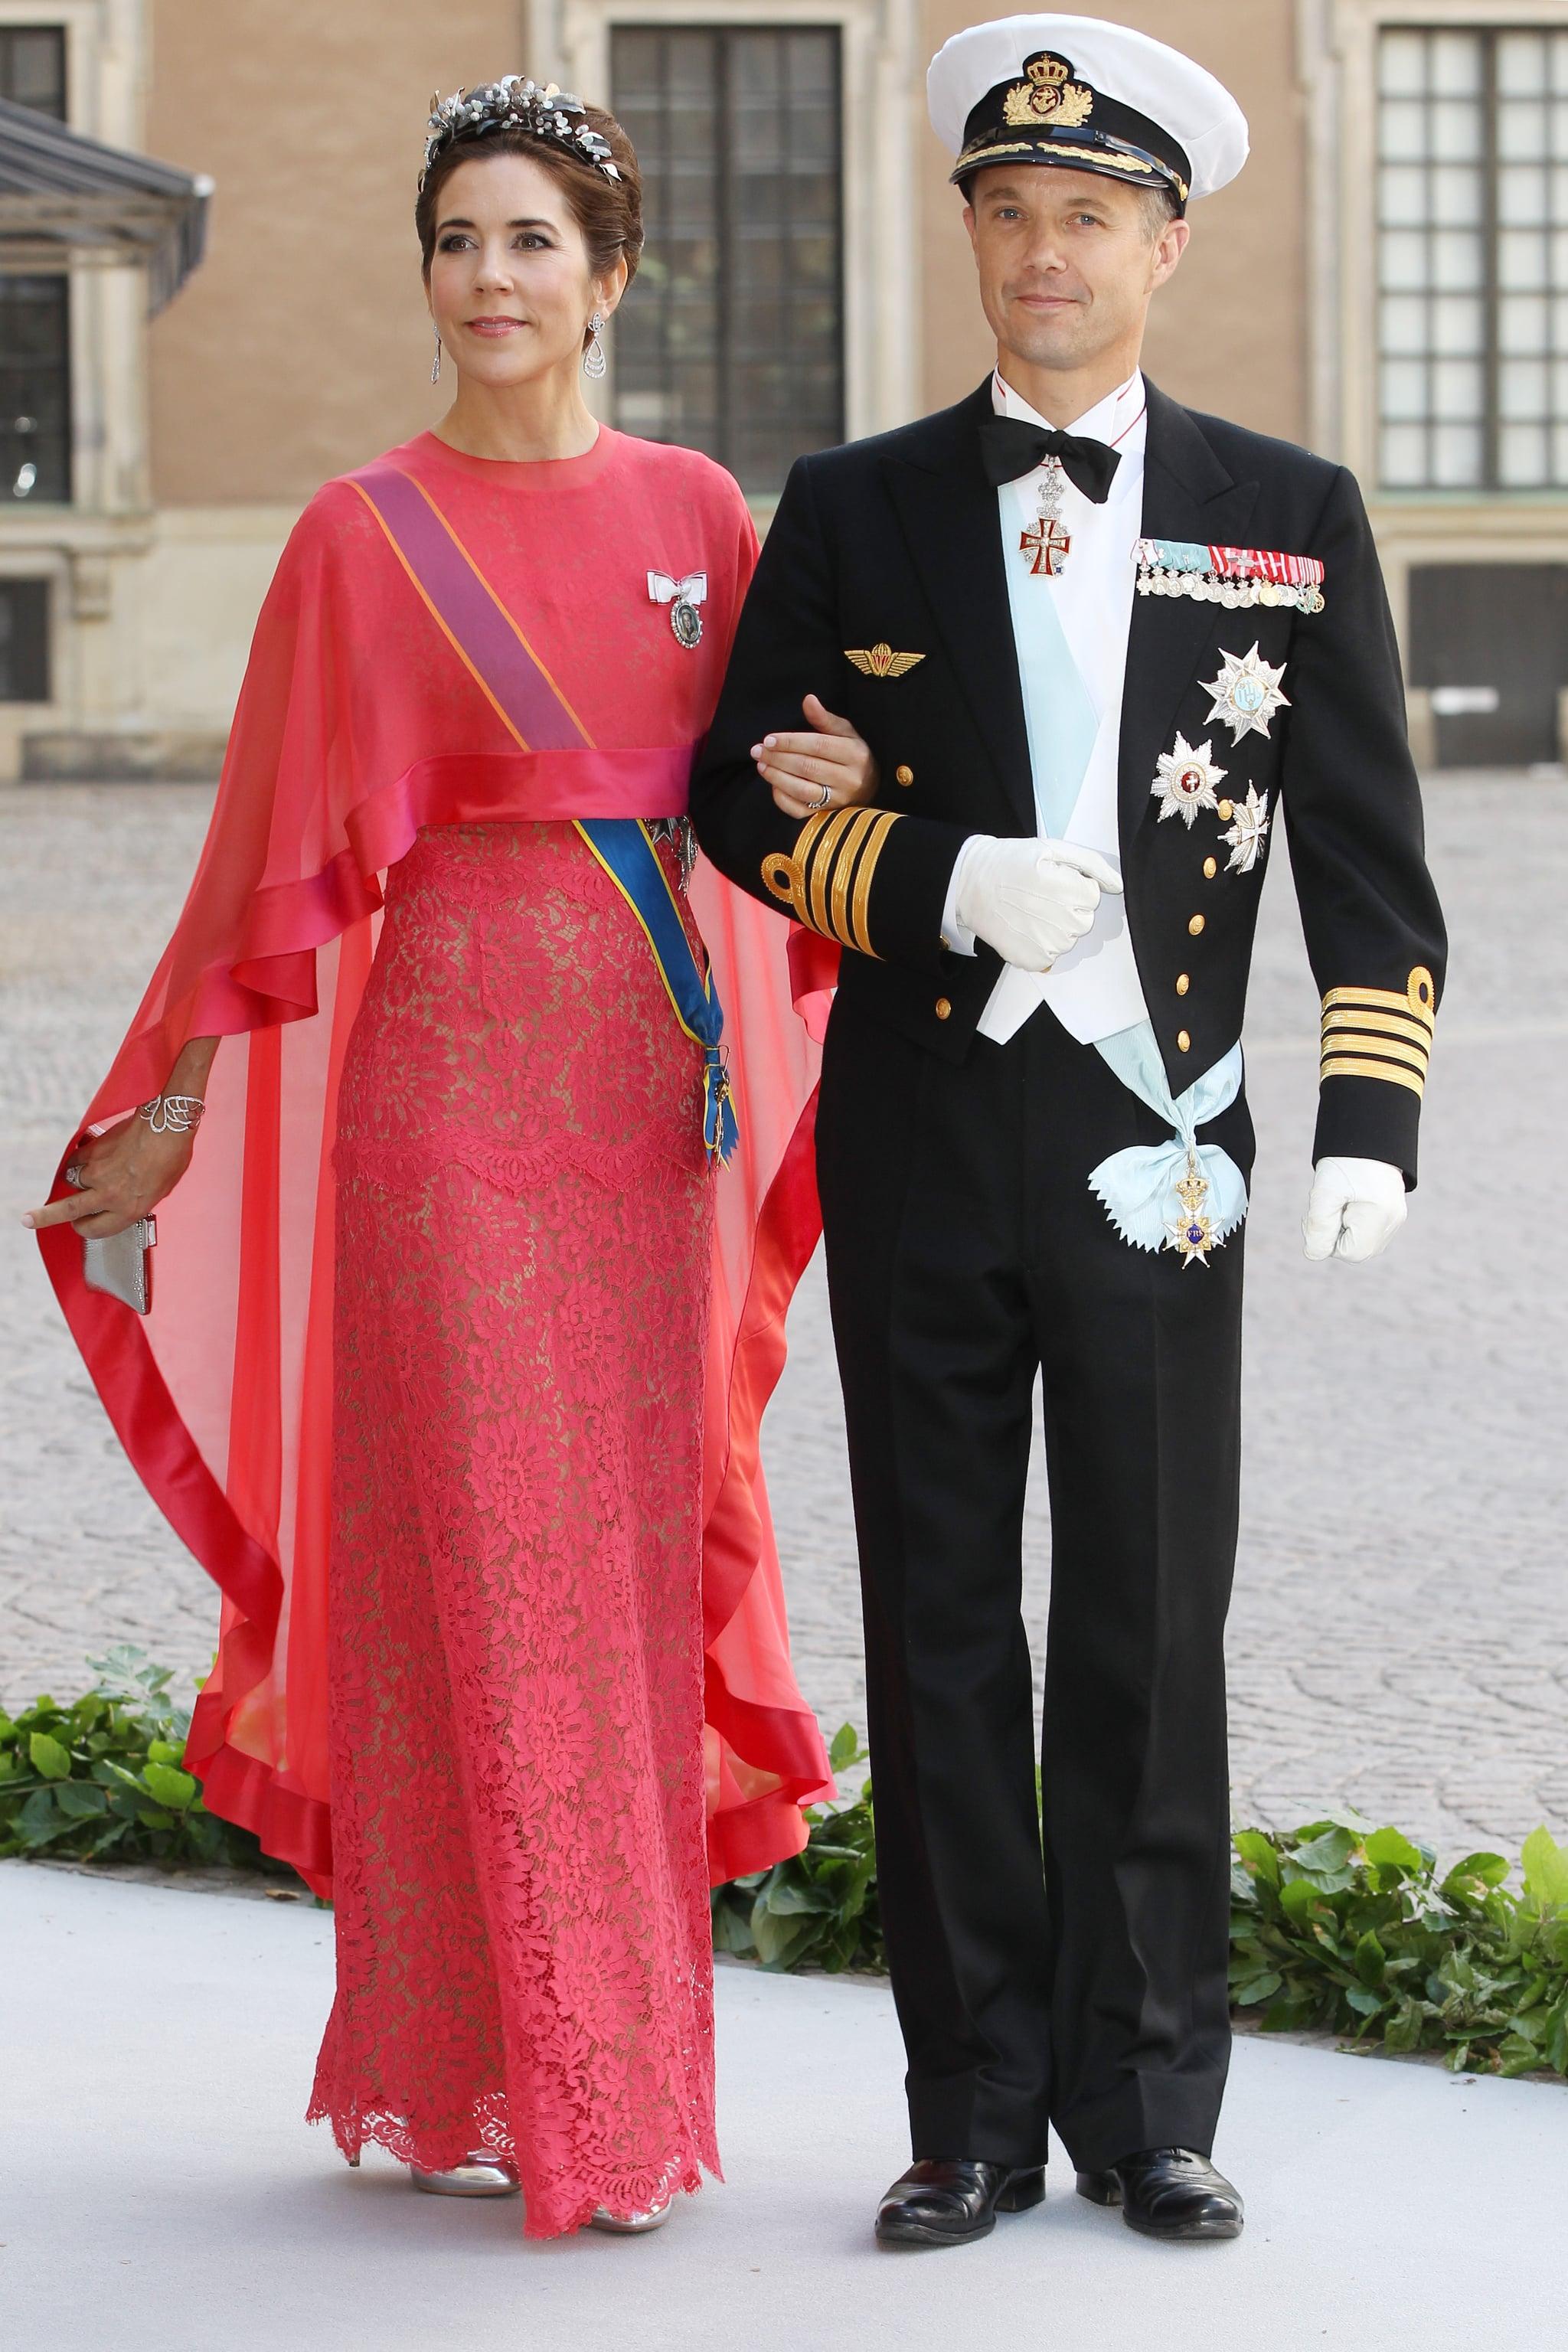 công nương đan mạch đội vương miện hoa và mặc đầm phối ren đỏ dự đám cưới